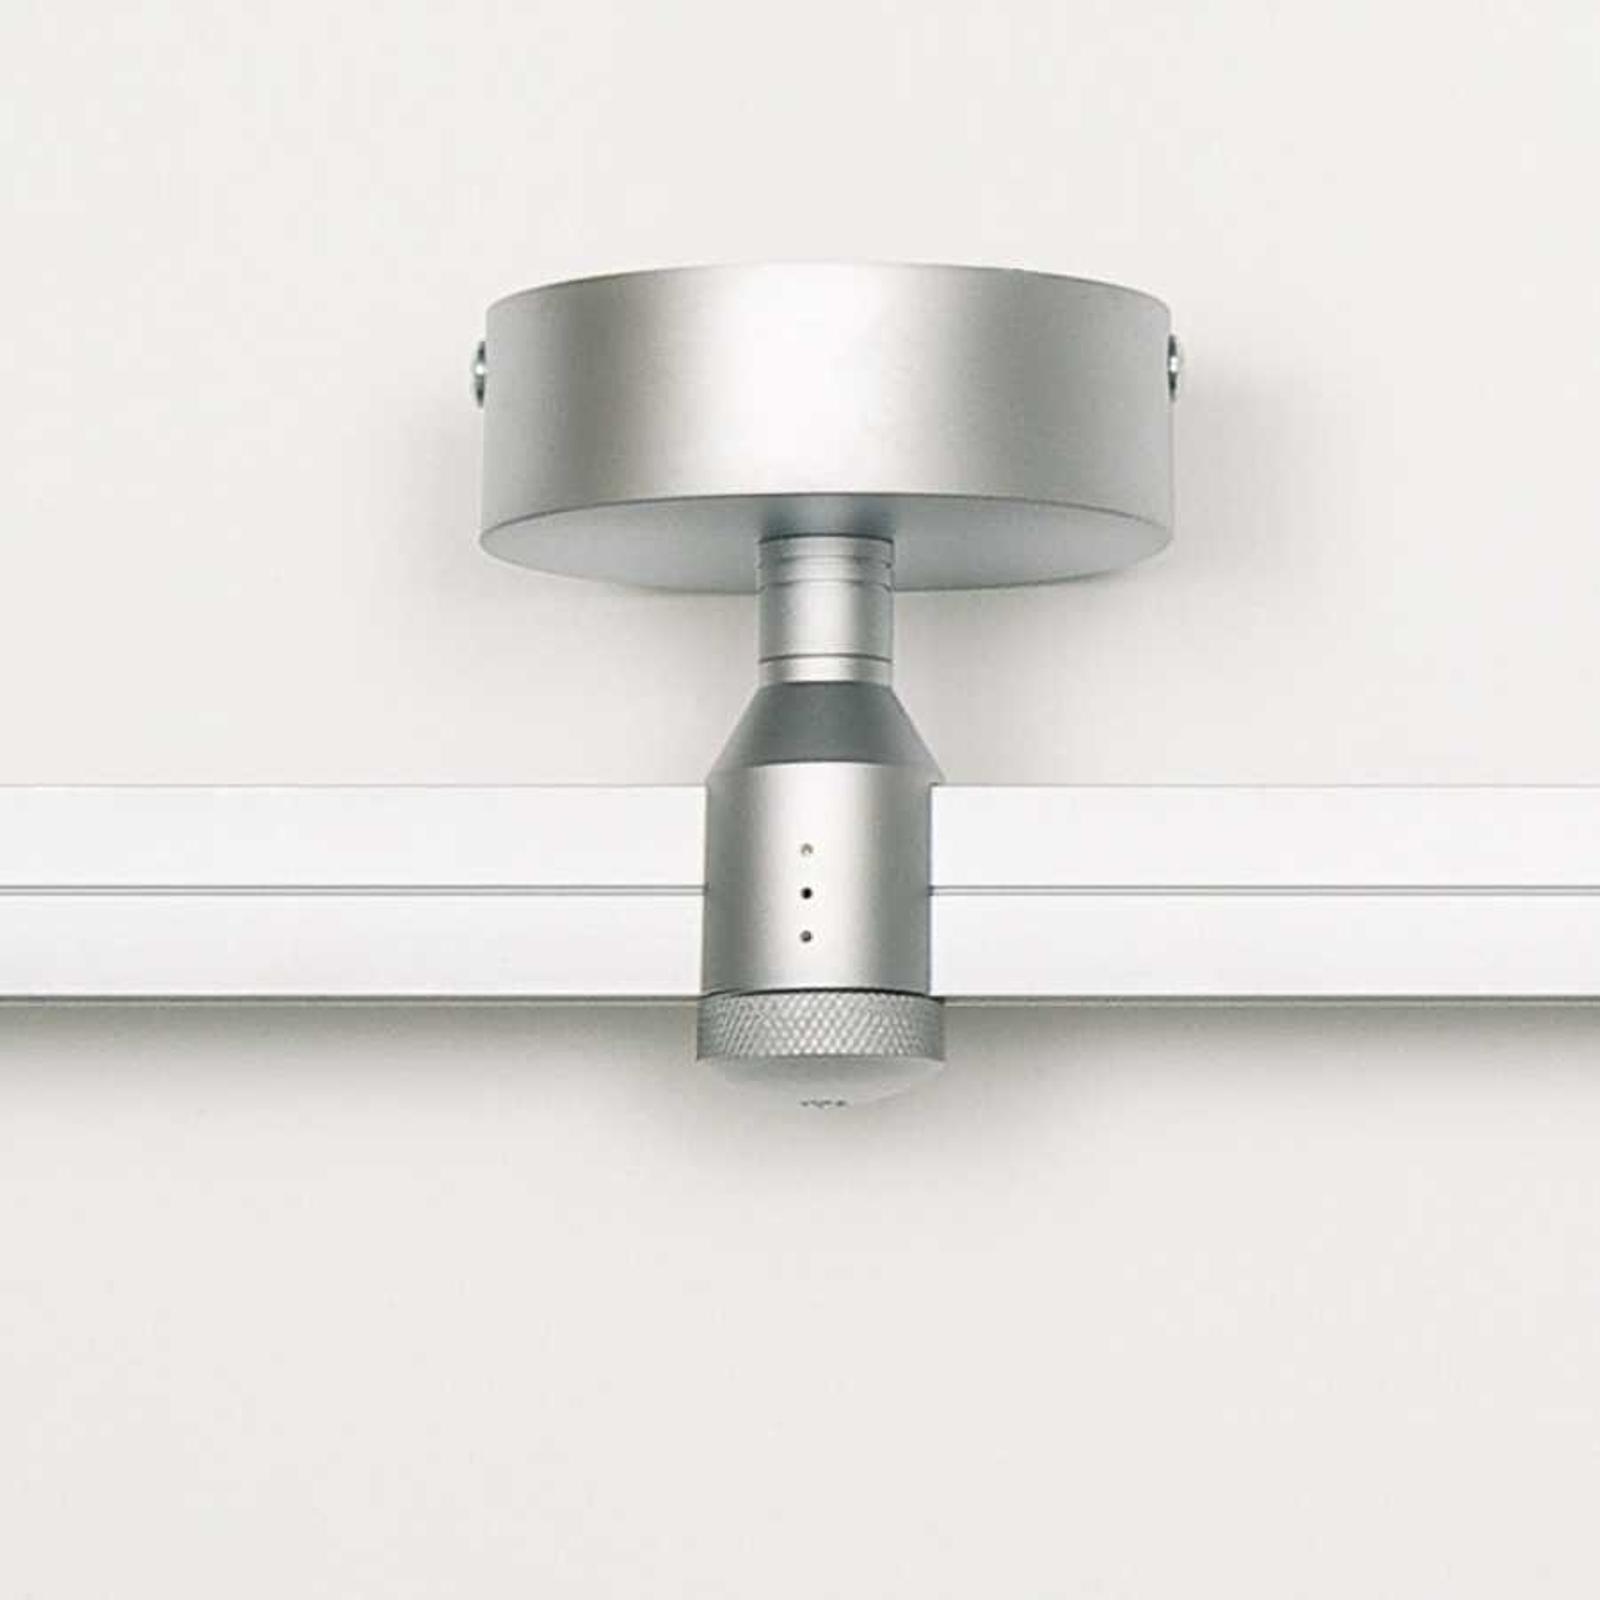 OLIGO Check-In takströmförsörjning 5 cm